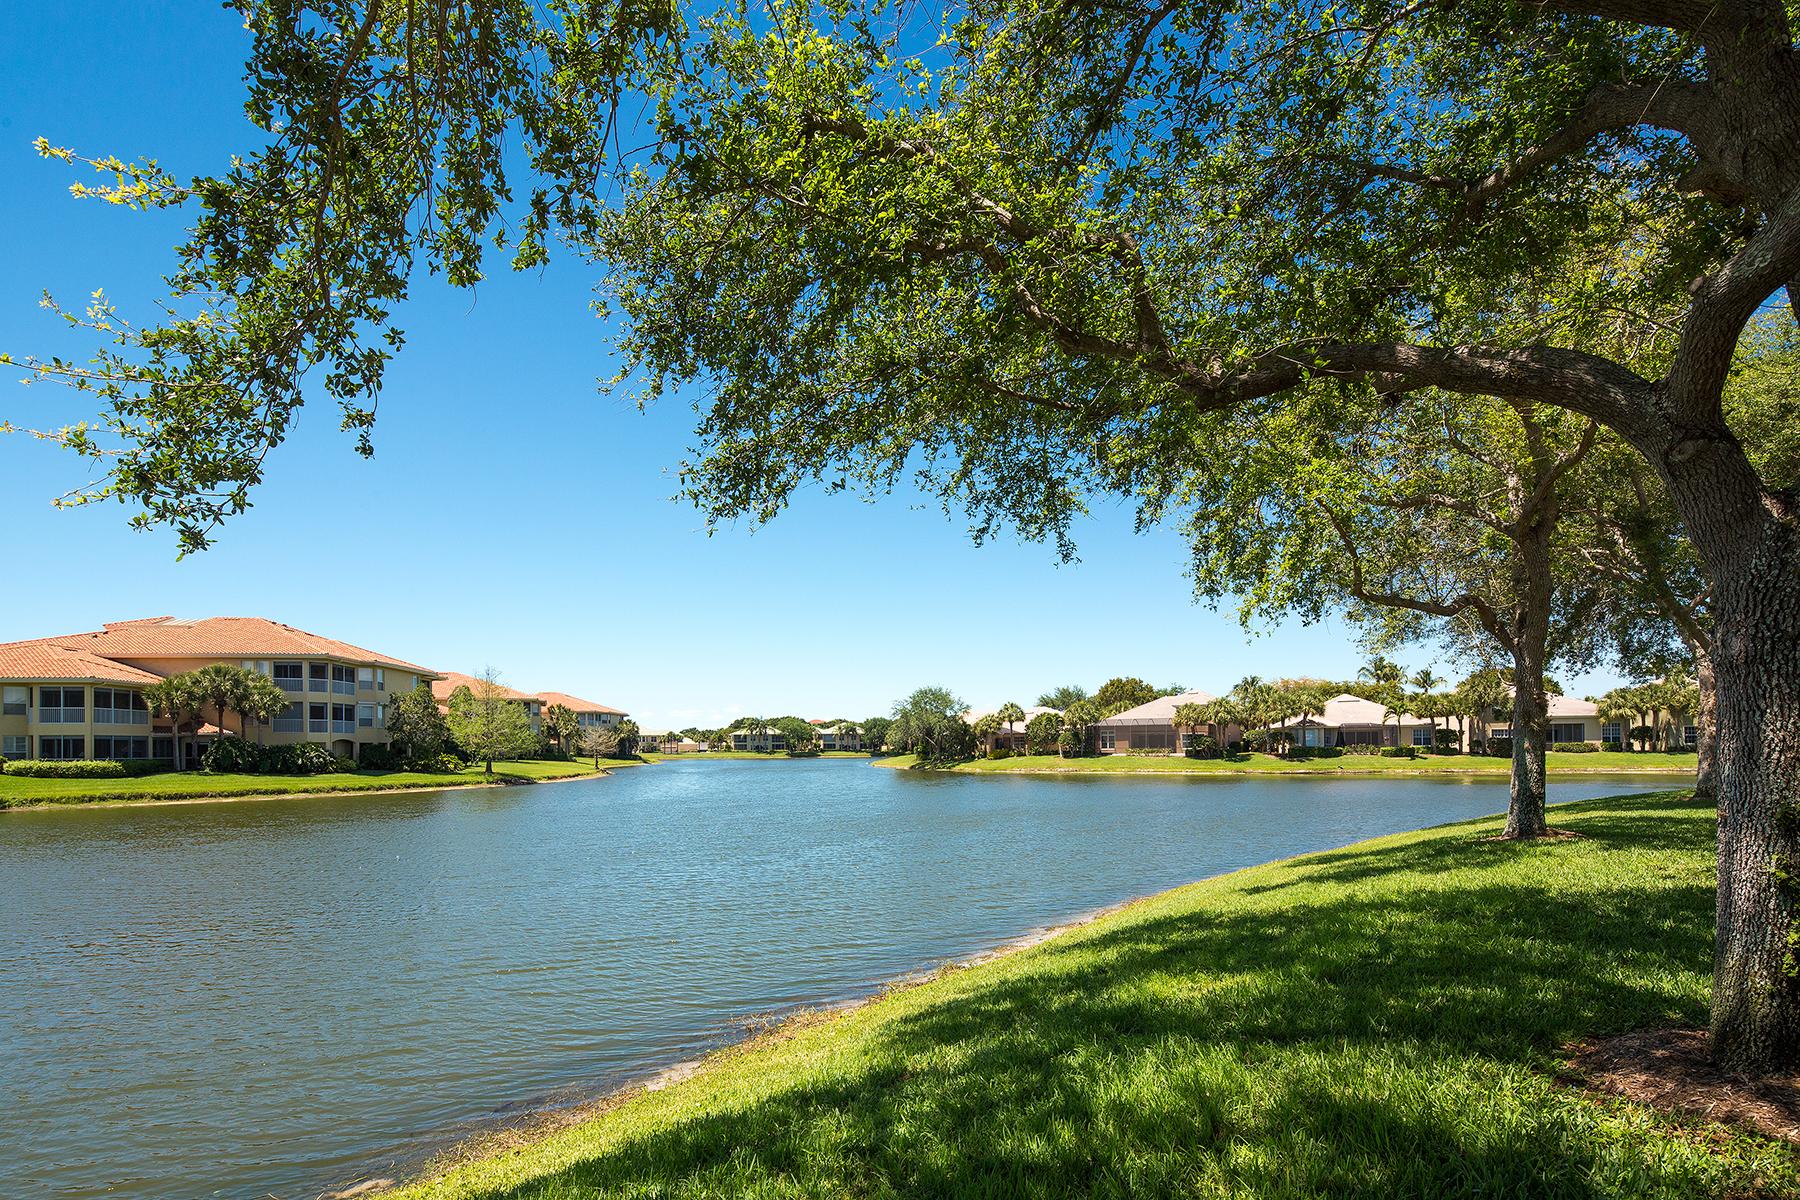 Nhà chung cư vì Bán tại PELICAN MARSH - RAVENNA 2414 Ravenna Blvd 202 Naples, Florida, 34109 Hoa Kỳ